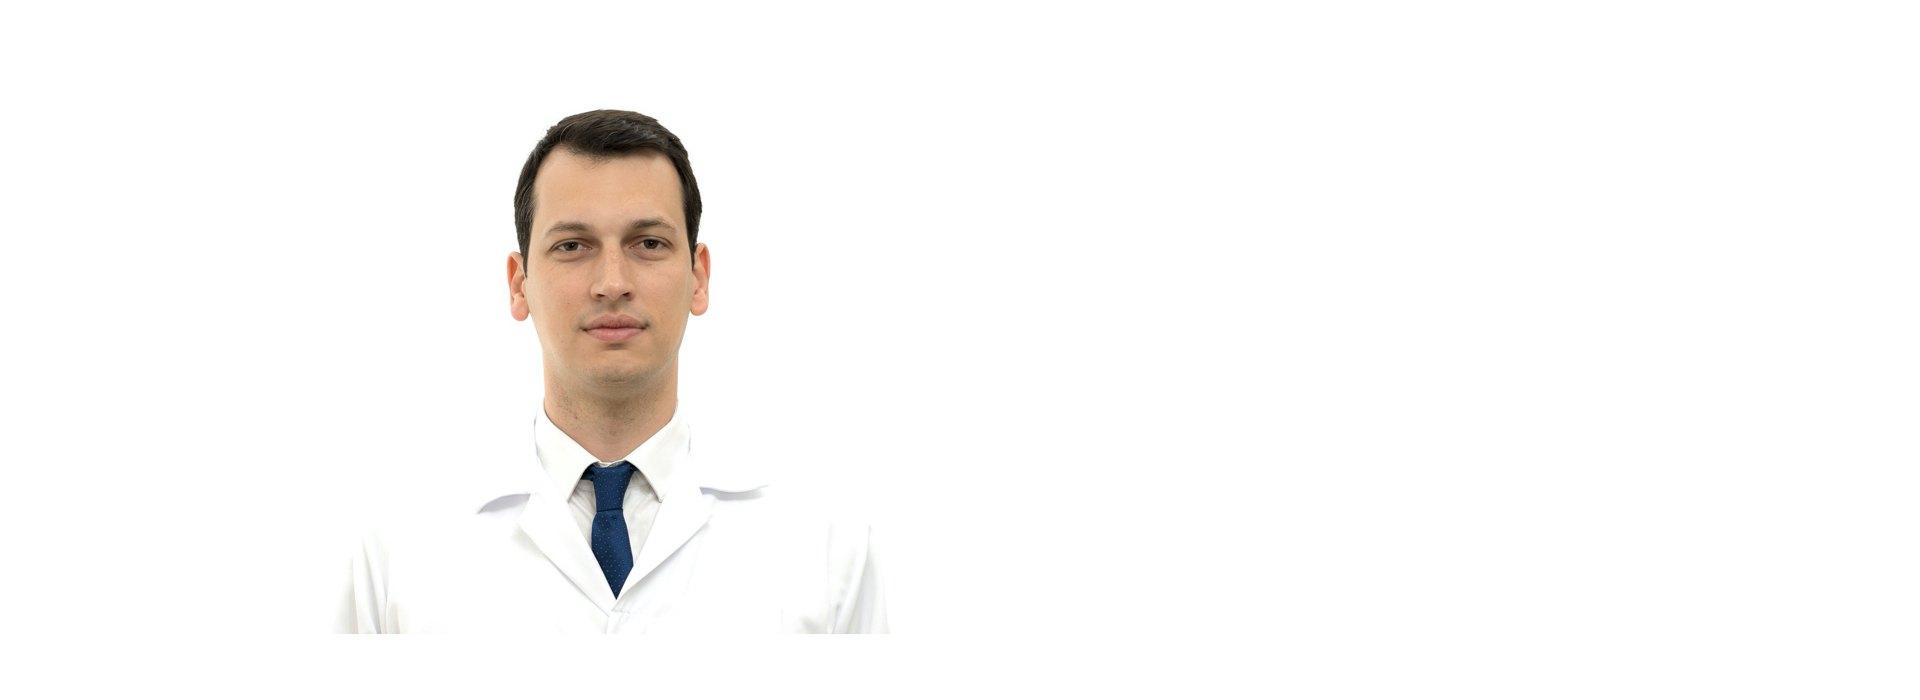 Dr. Tobias Torres - Otorrinolaringologista - Cirurgia do Ouvido